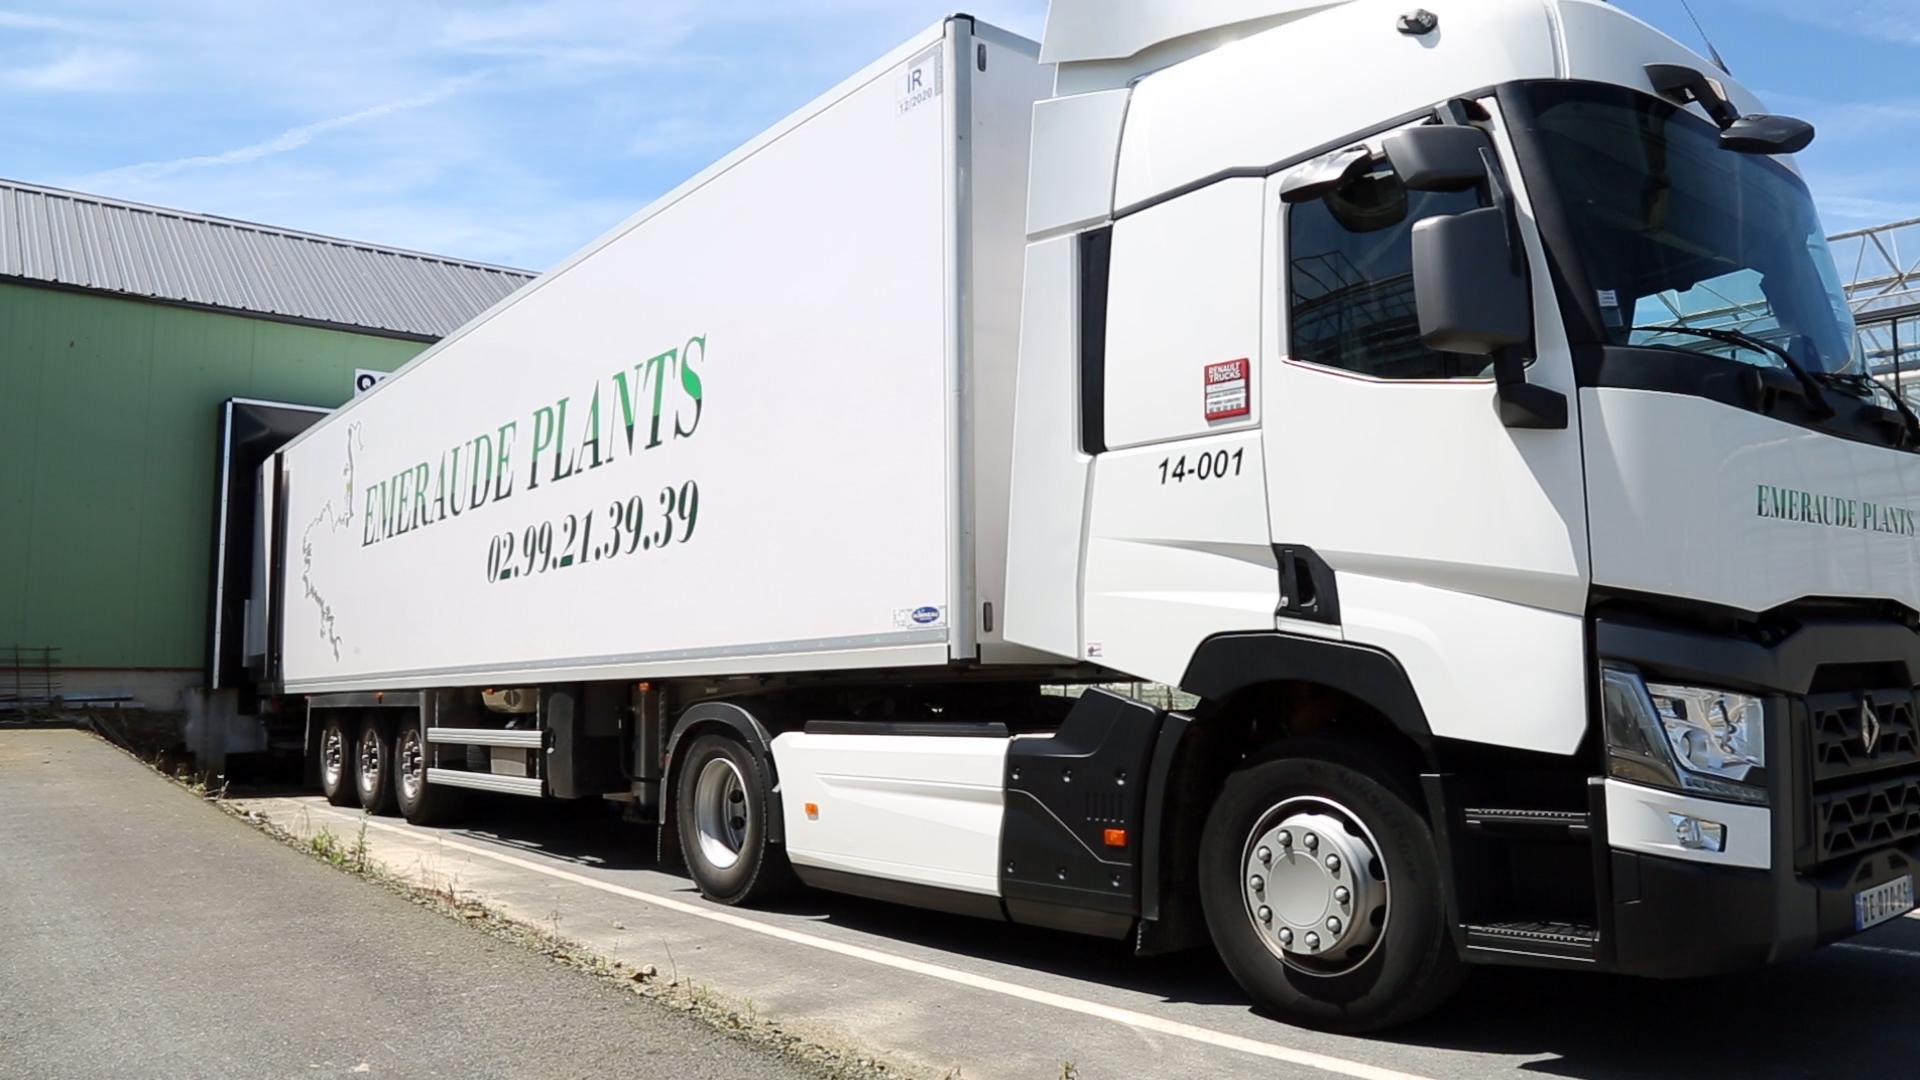 EmeraudePlant-camiond0